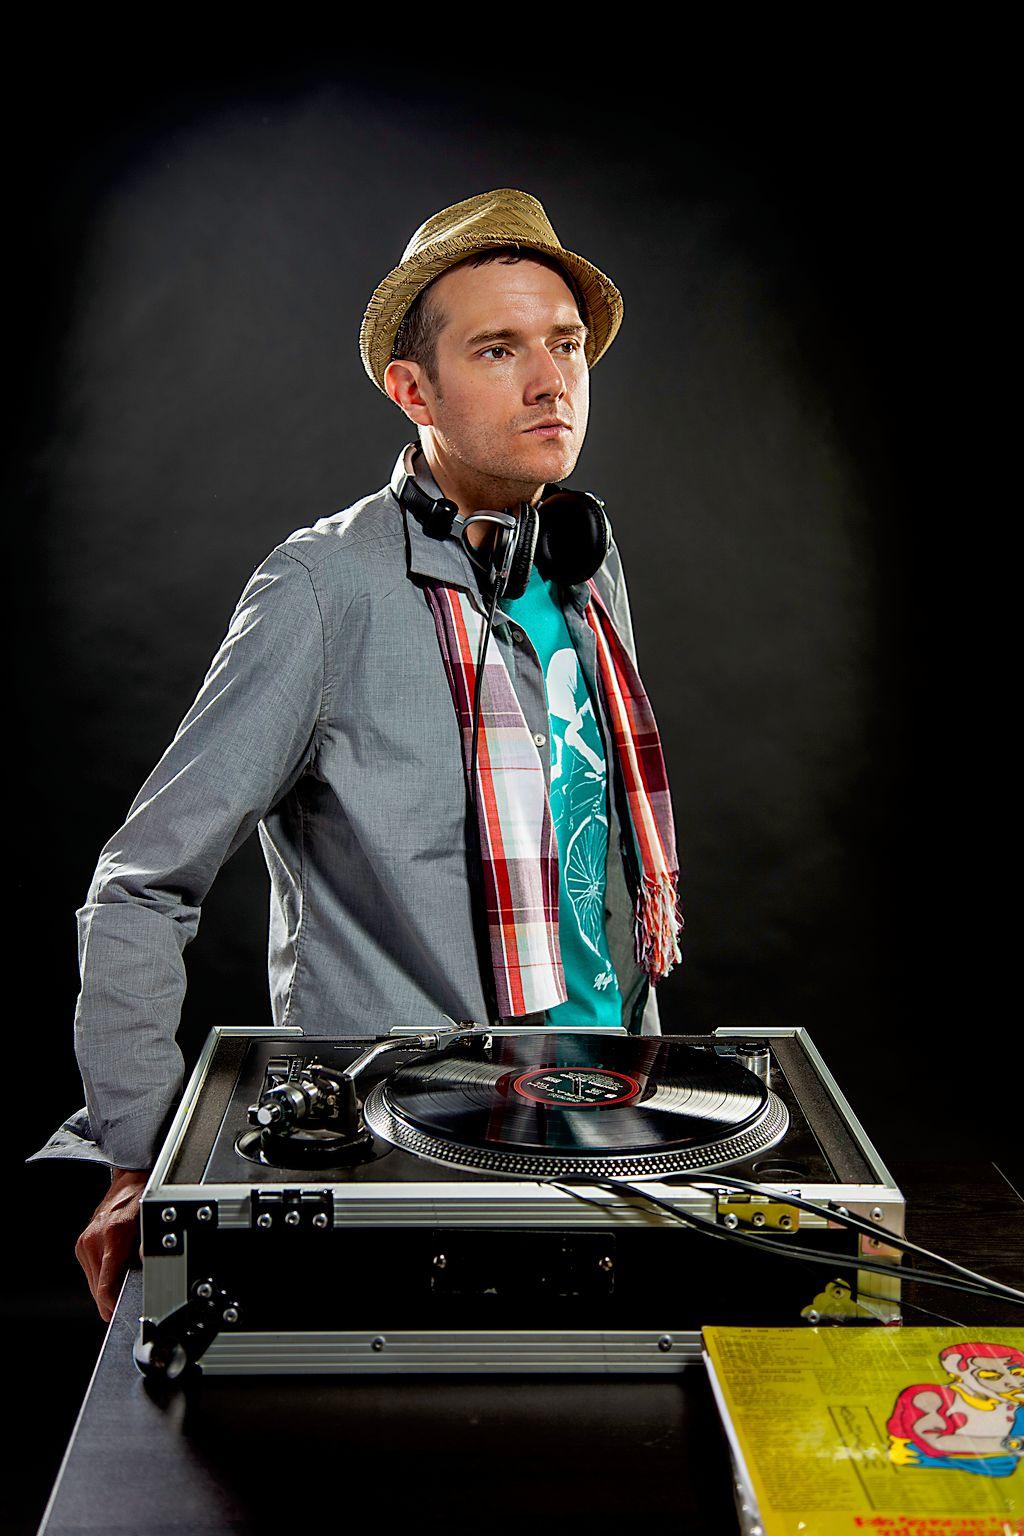 DJ Kyle Long